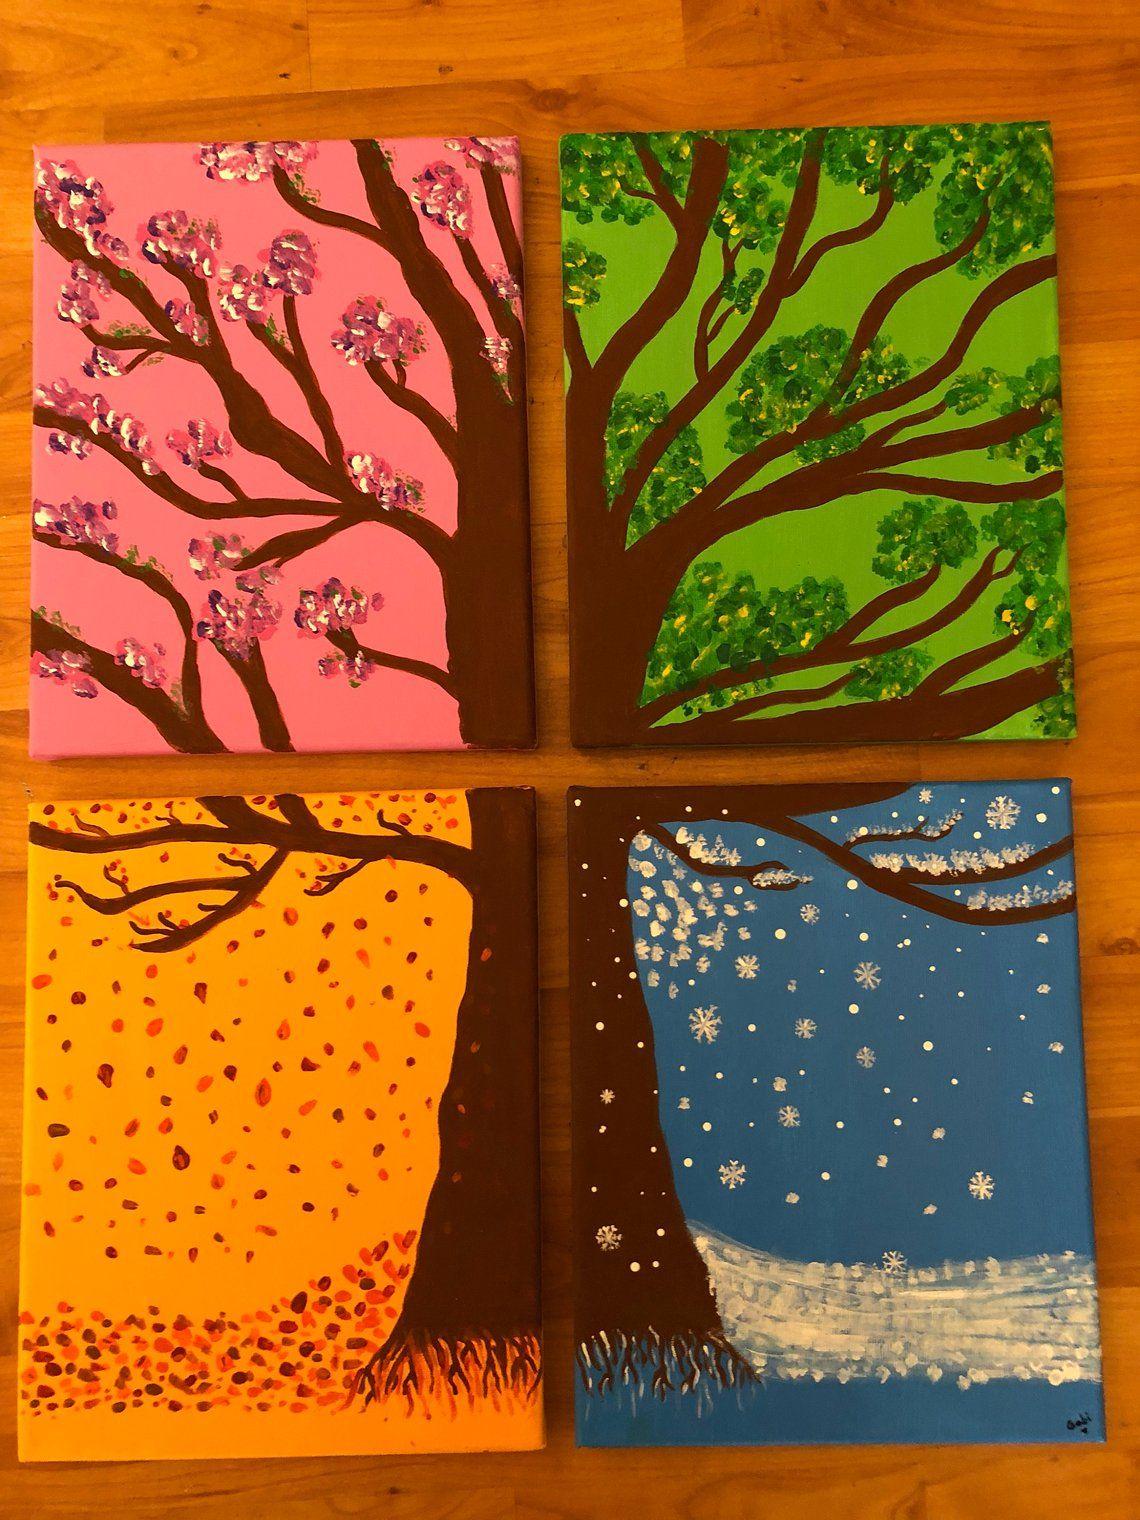 Four Seasons Tree   Baumbilder, Jahreszeiten, Baum Des verwandt mit 4 Jahreszeiten Baum